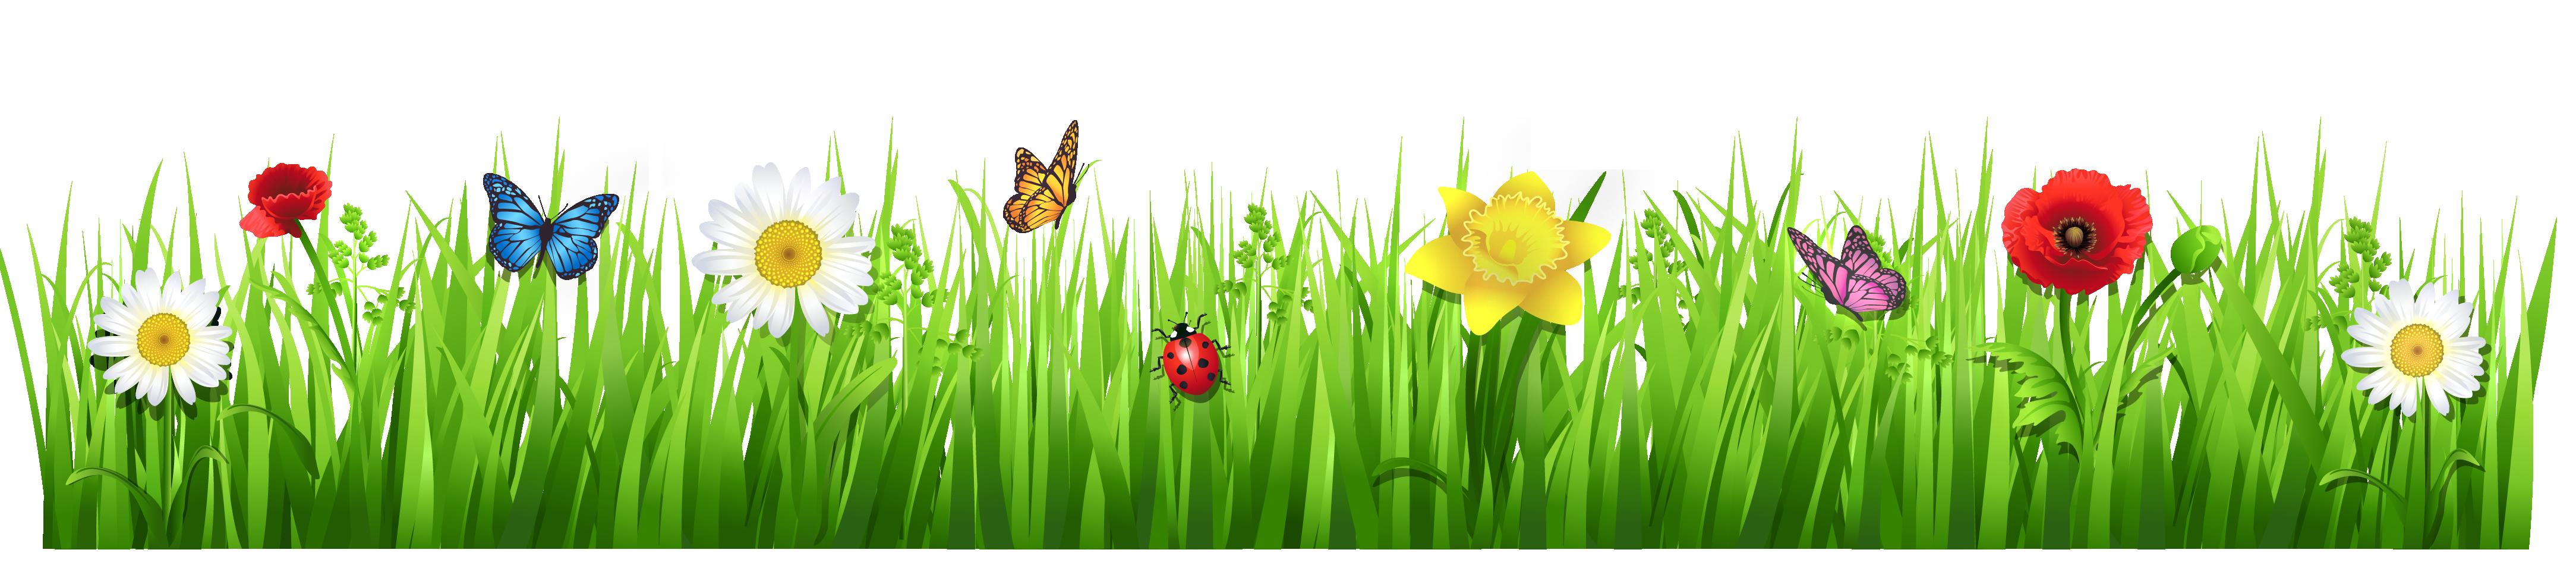 Grass clipart 14